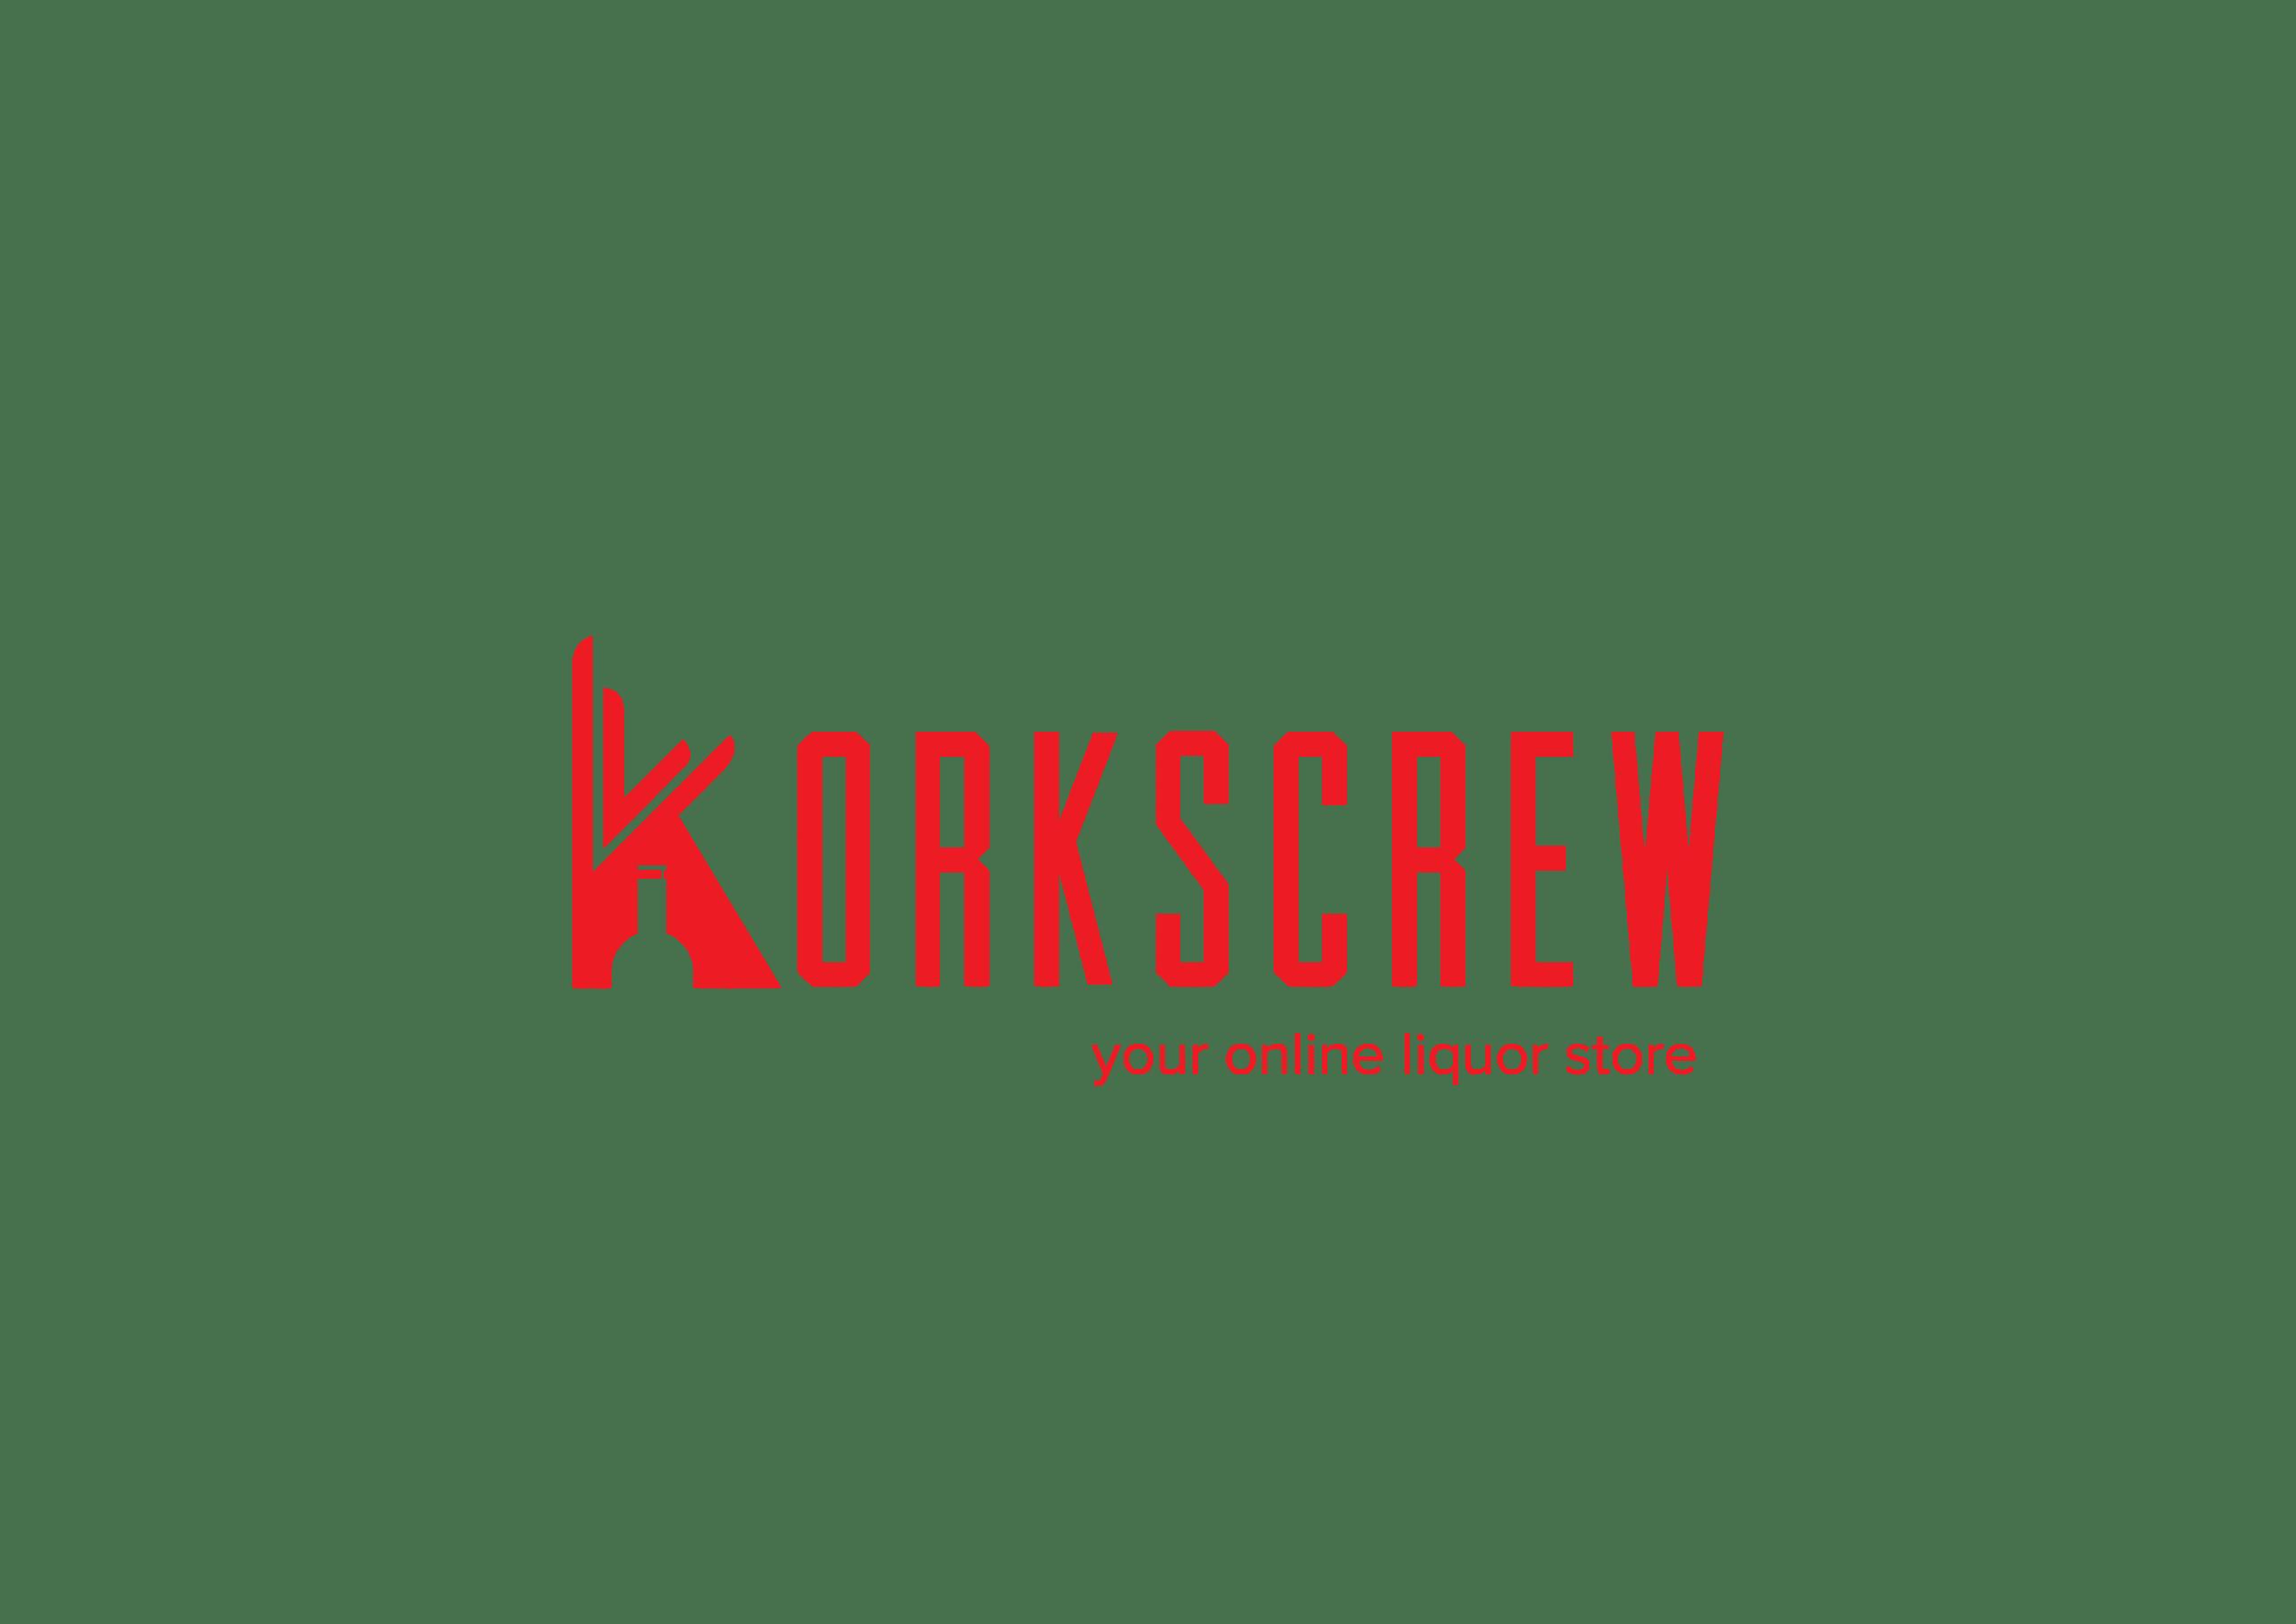 Korkscrew.ng